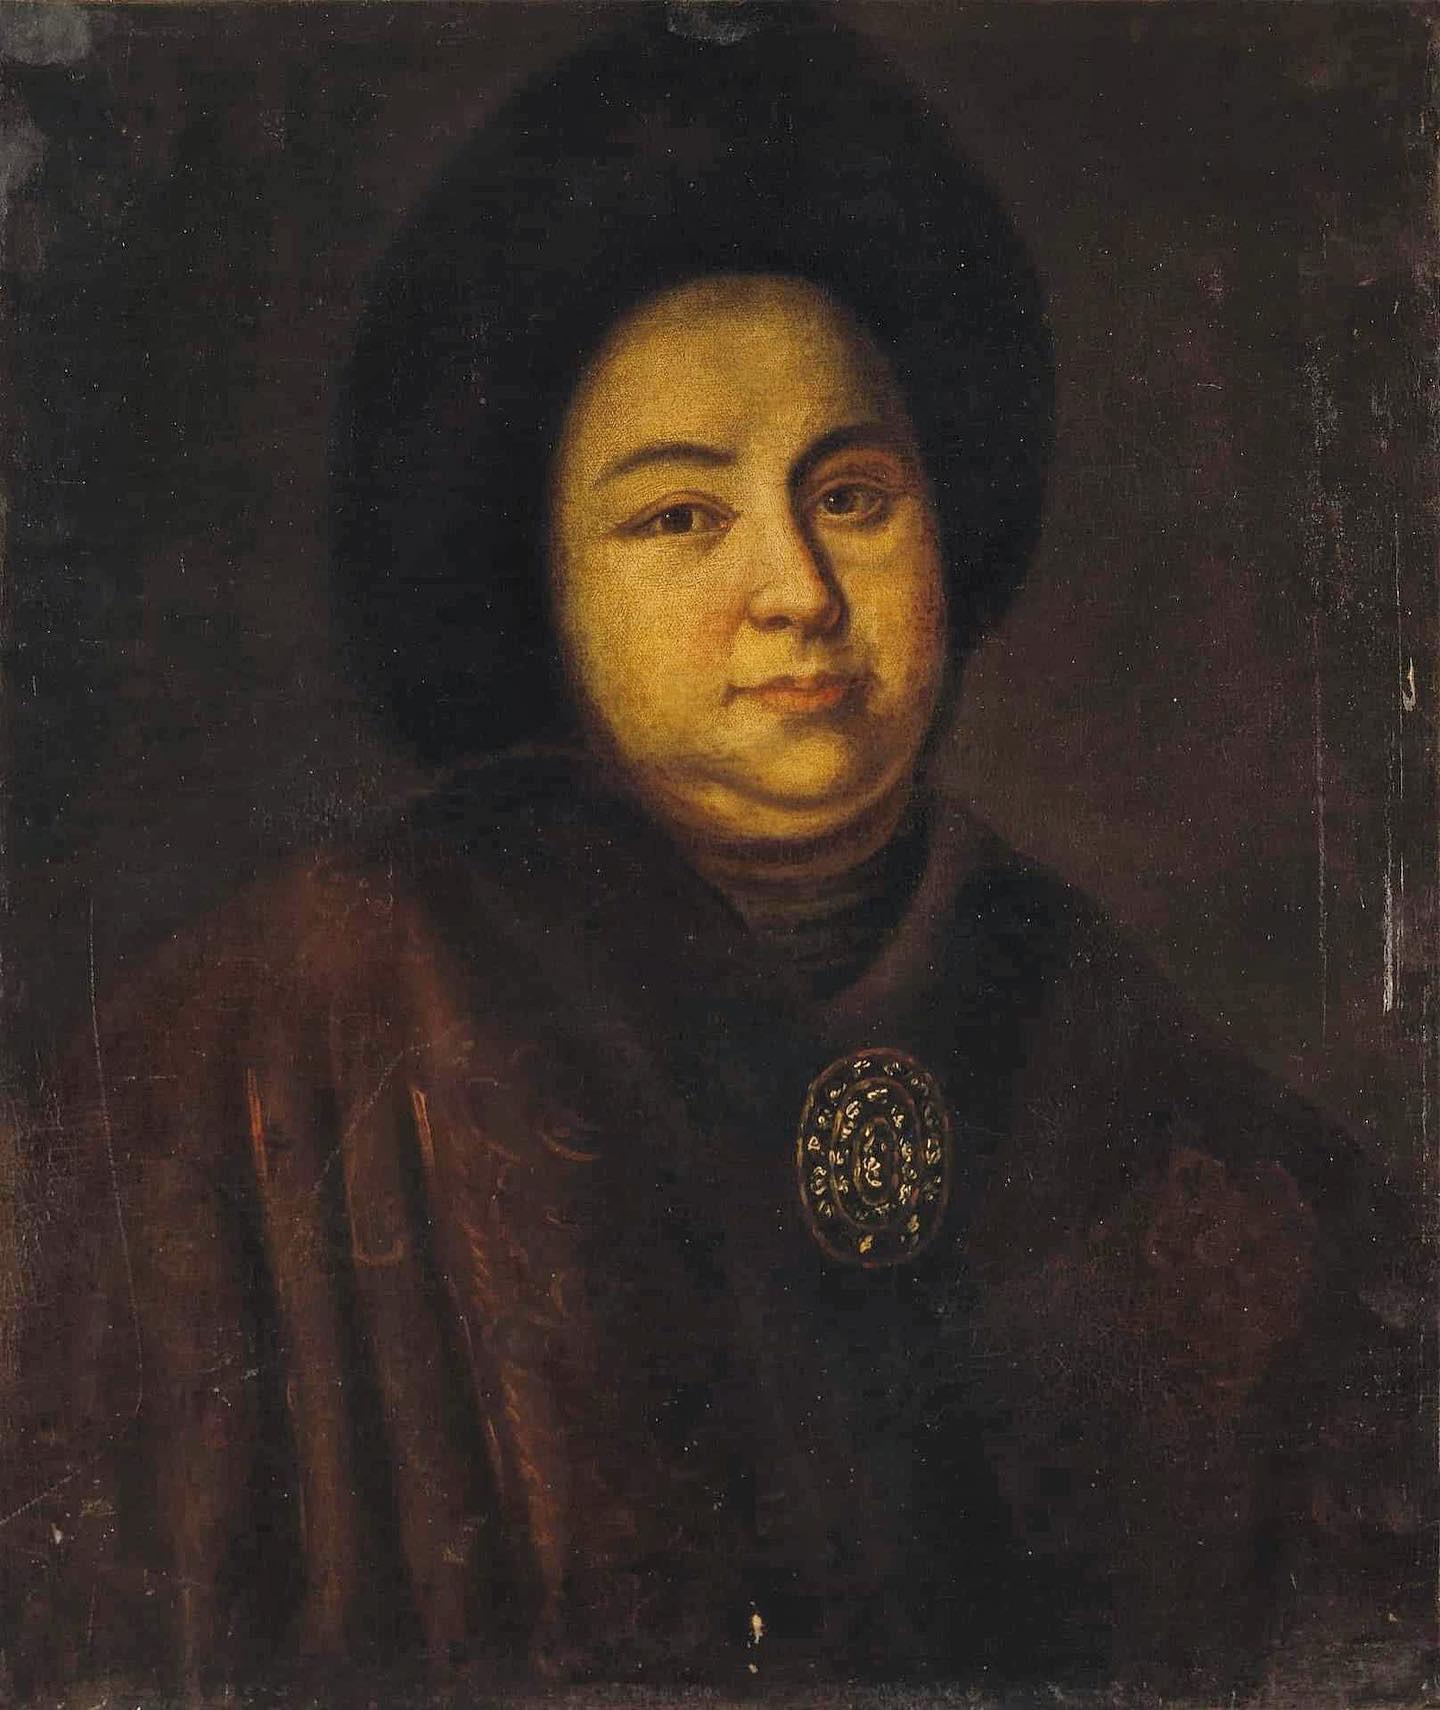 Artista anonimo, XVIII secolo. Ritratto della zarina Evdokia Lopukhina (1669-1731)